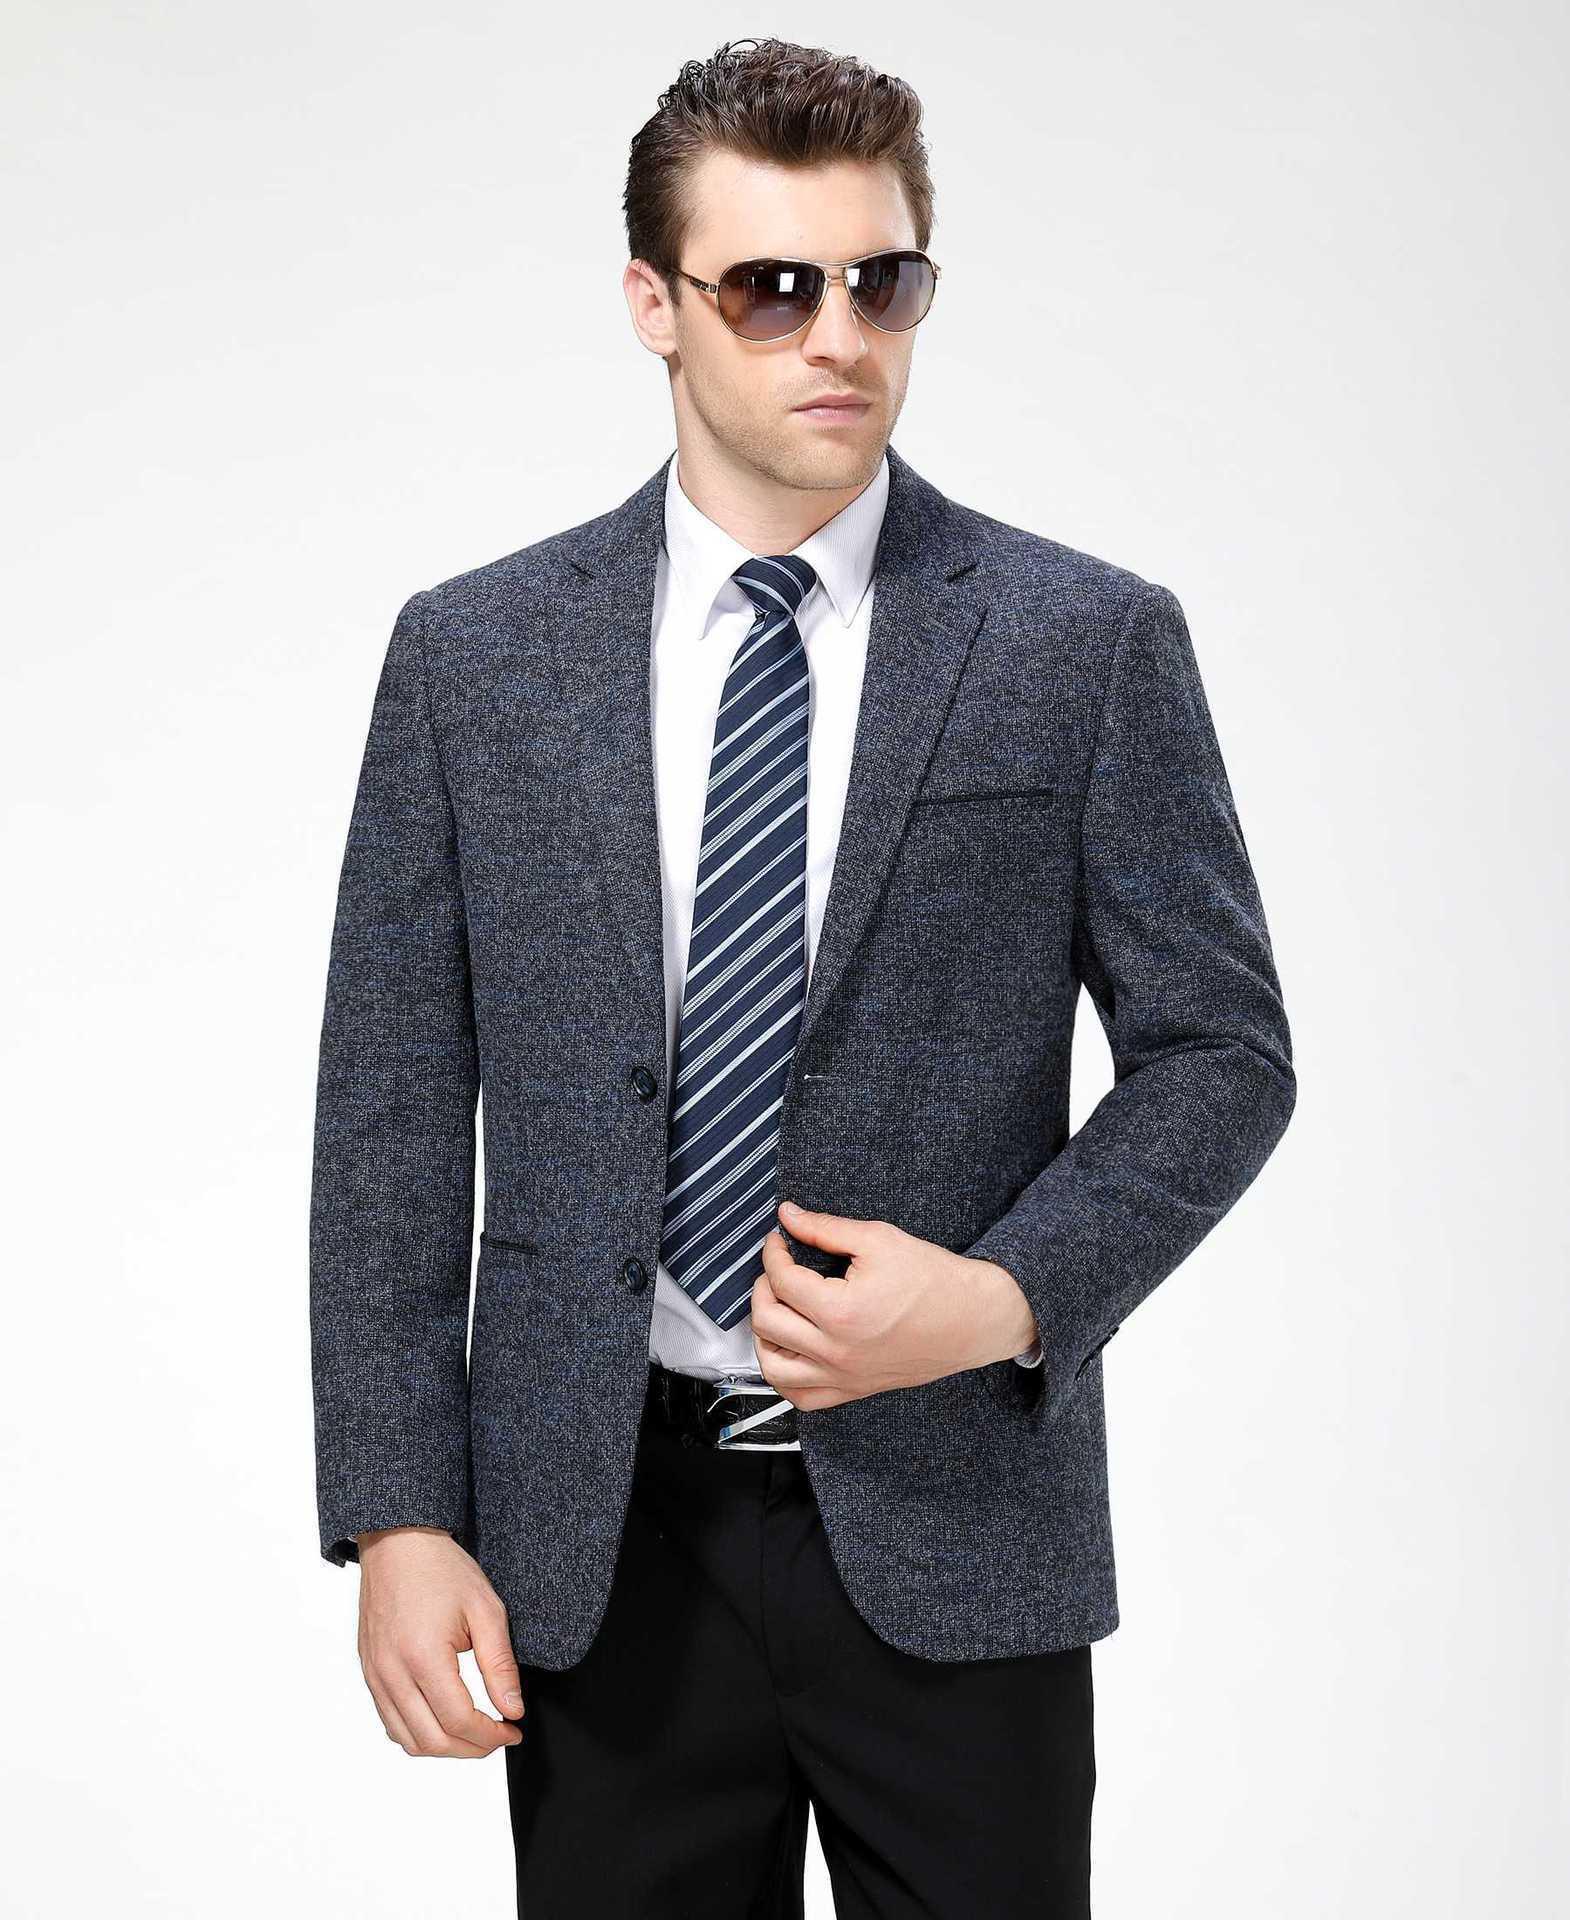 秋冬男士西服时尚休闲中年羊毛单西装精品外套一件代发一粒双排扣